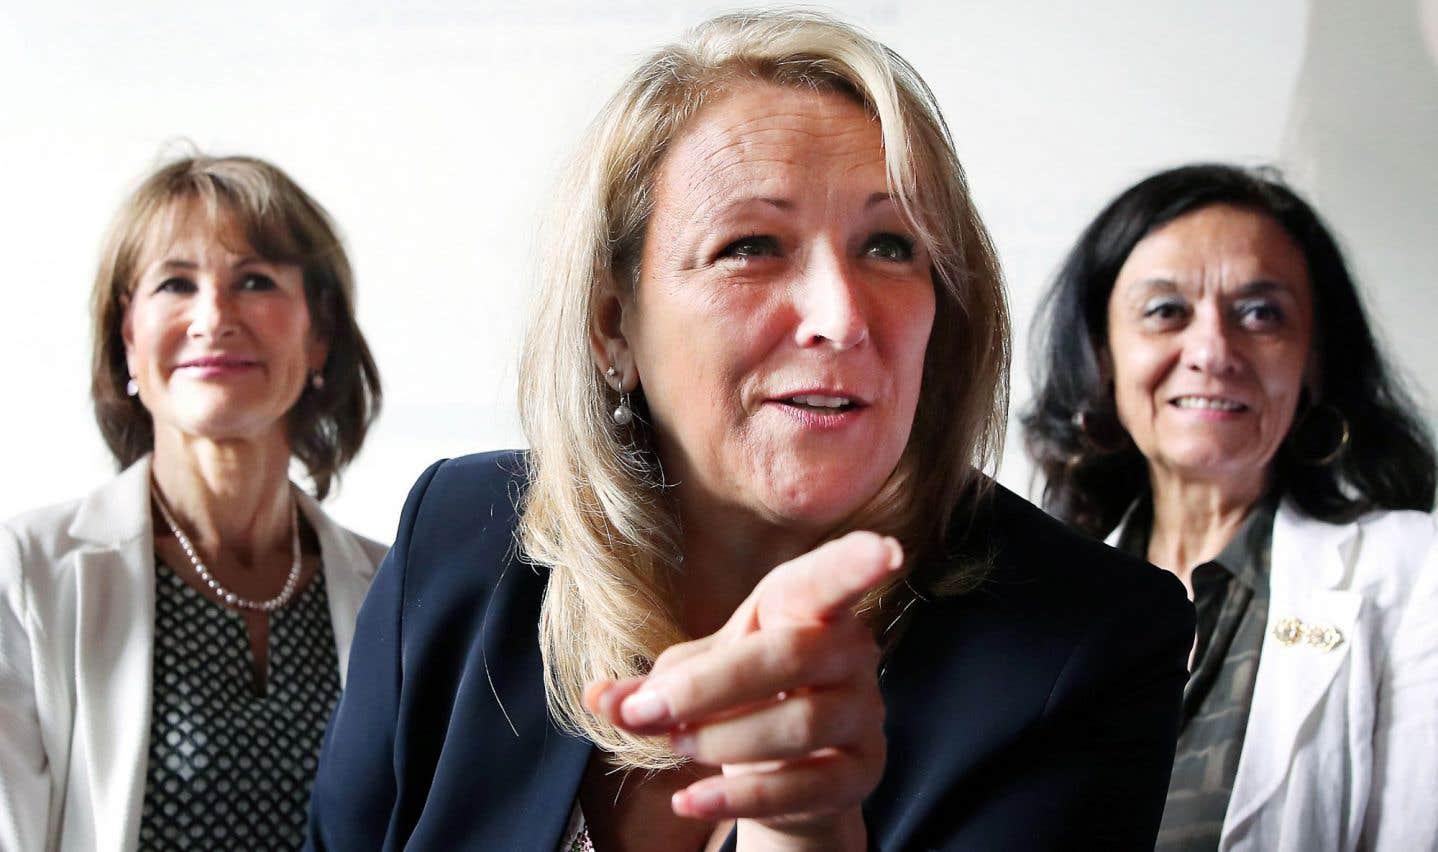 La lutte pour l'égalité hommes-femmes piétine au Québec